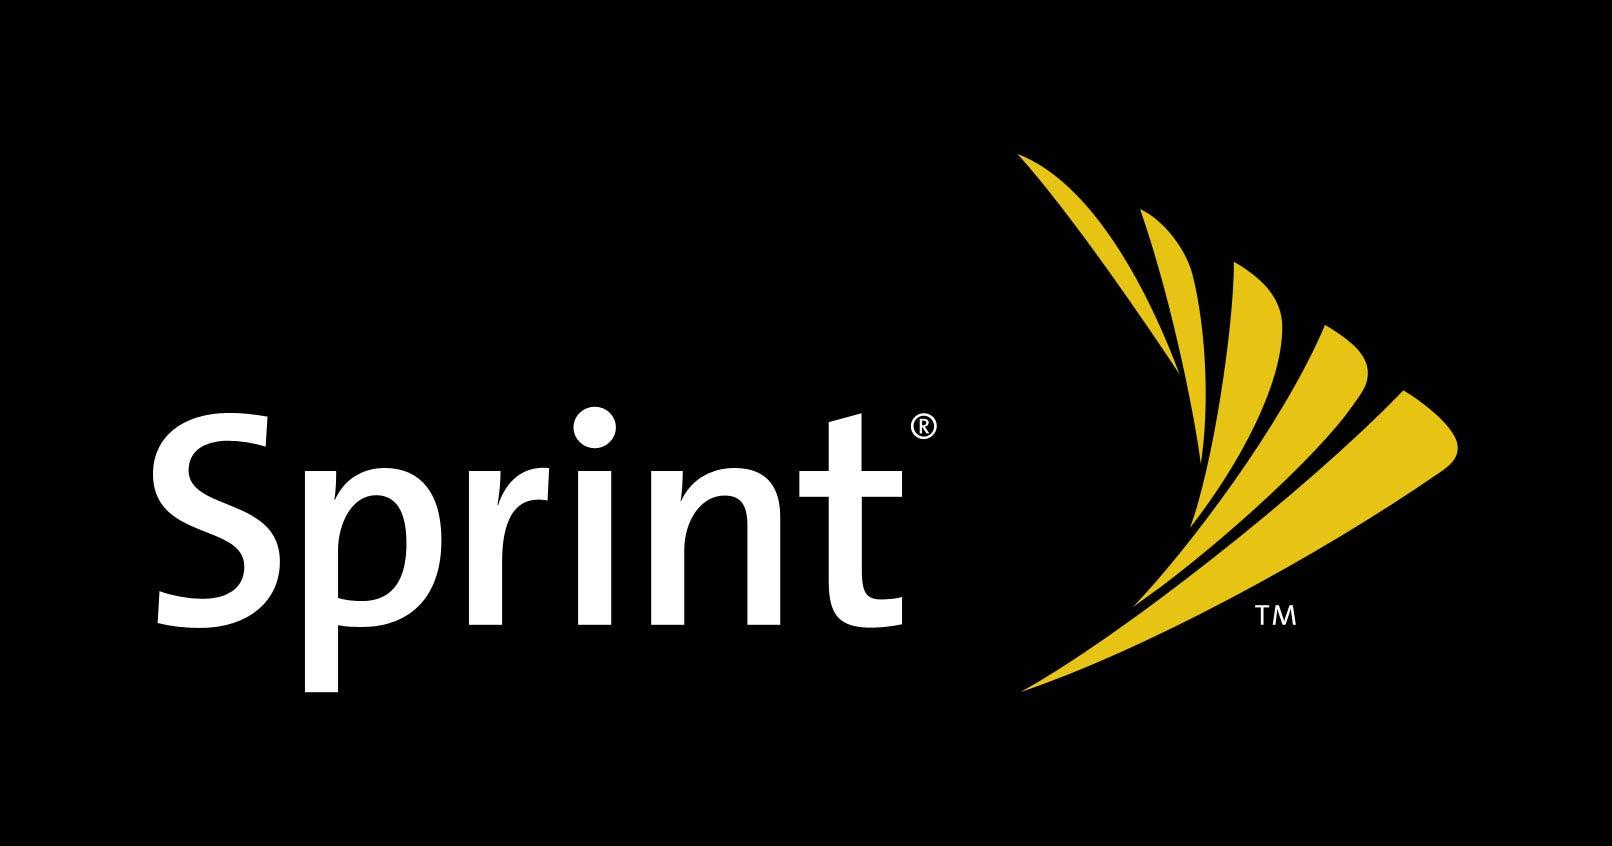 Sprint parará el derroche económico